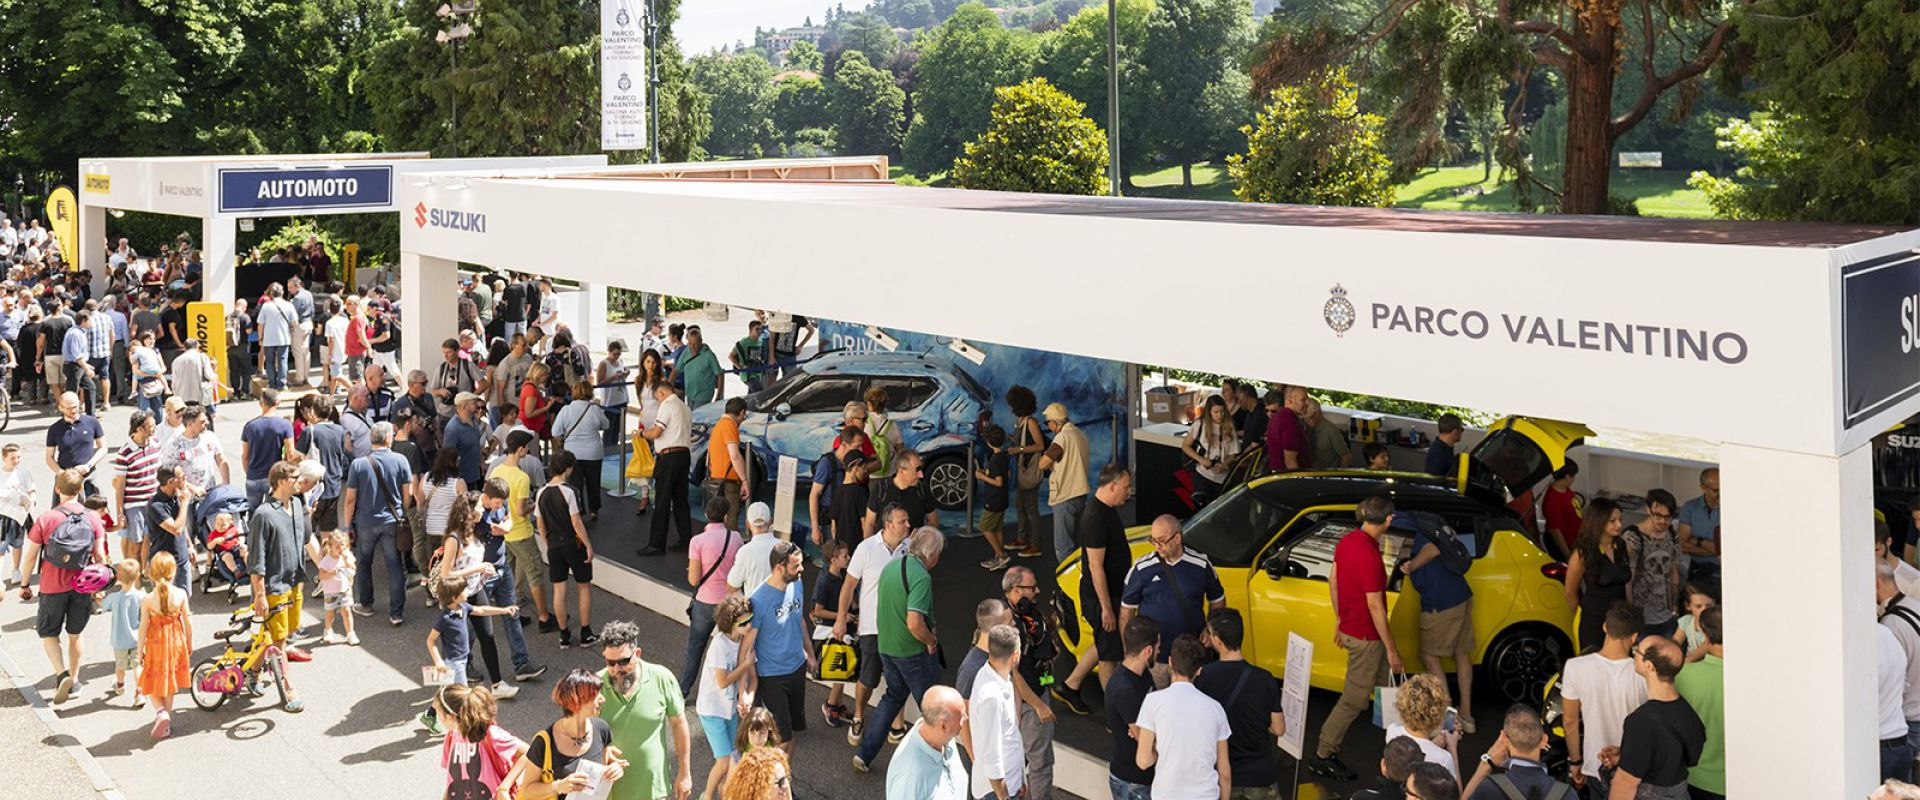 Turin Auto Show Parco Valentino - Salone Auto Torino